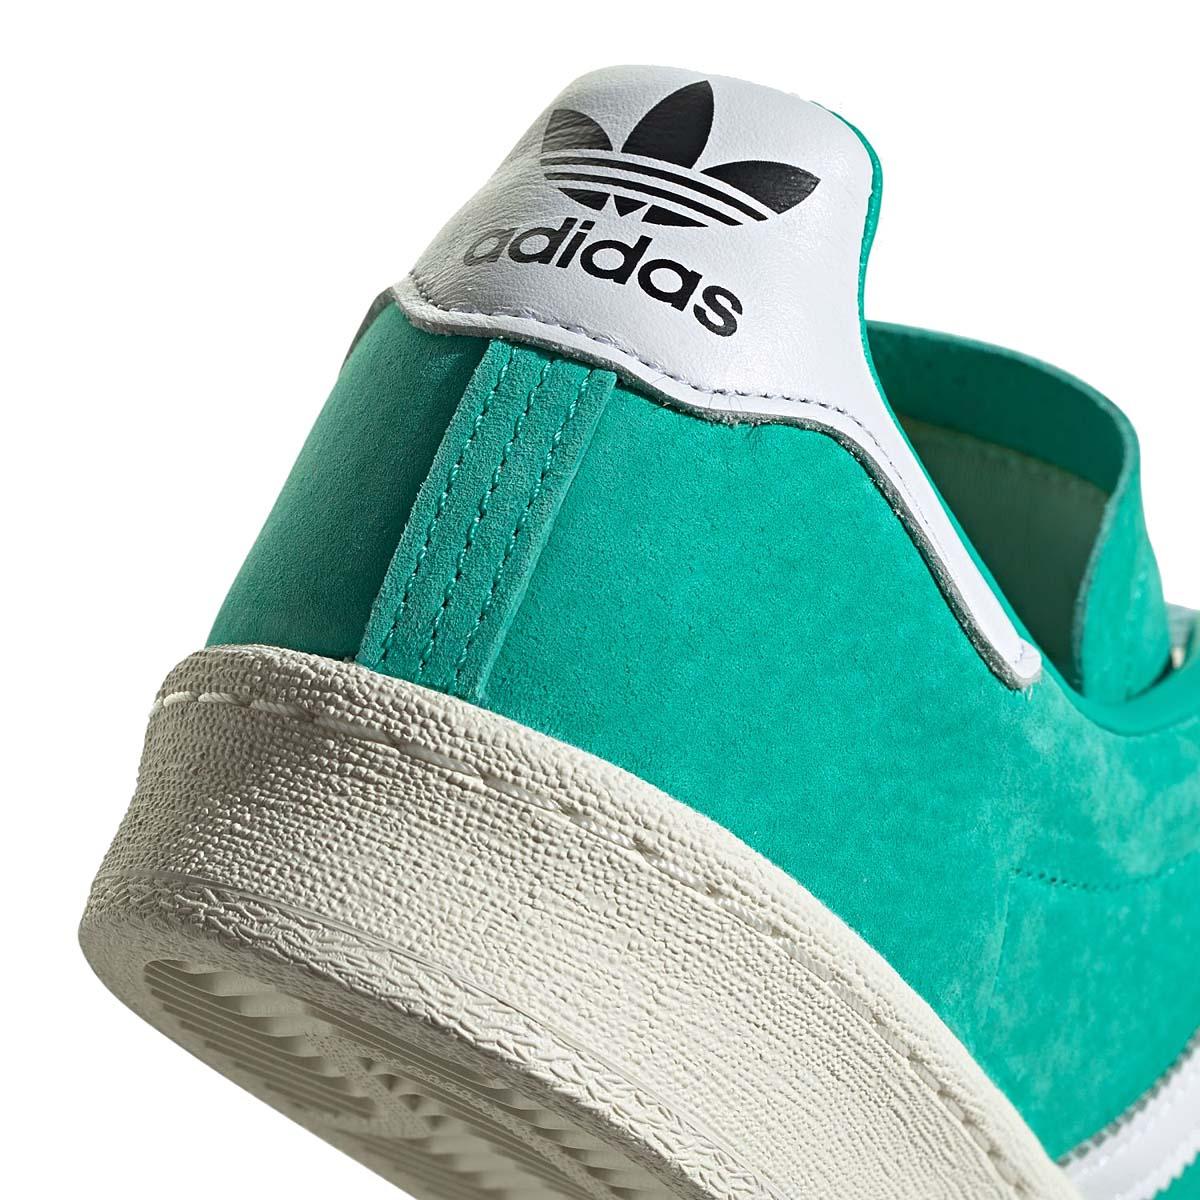 adidas Originals CAMPUS 80s SHOCK MINT / FOOTWEAR WHITE / CORE BLACK FV8495 アディダス オリジナルス キャンパス 80s ミントグリーン/ホワイト